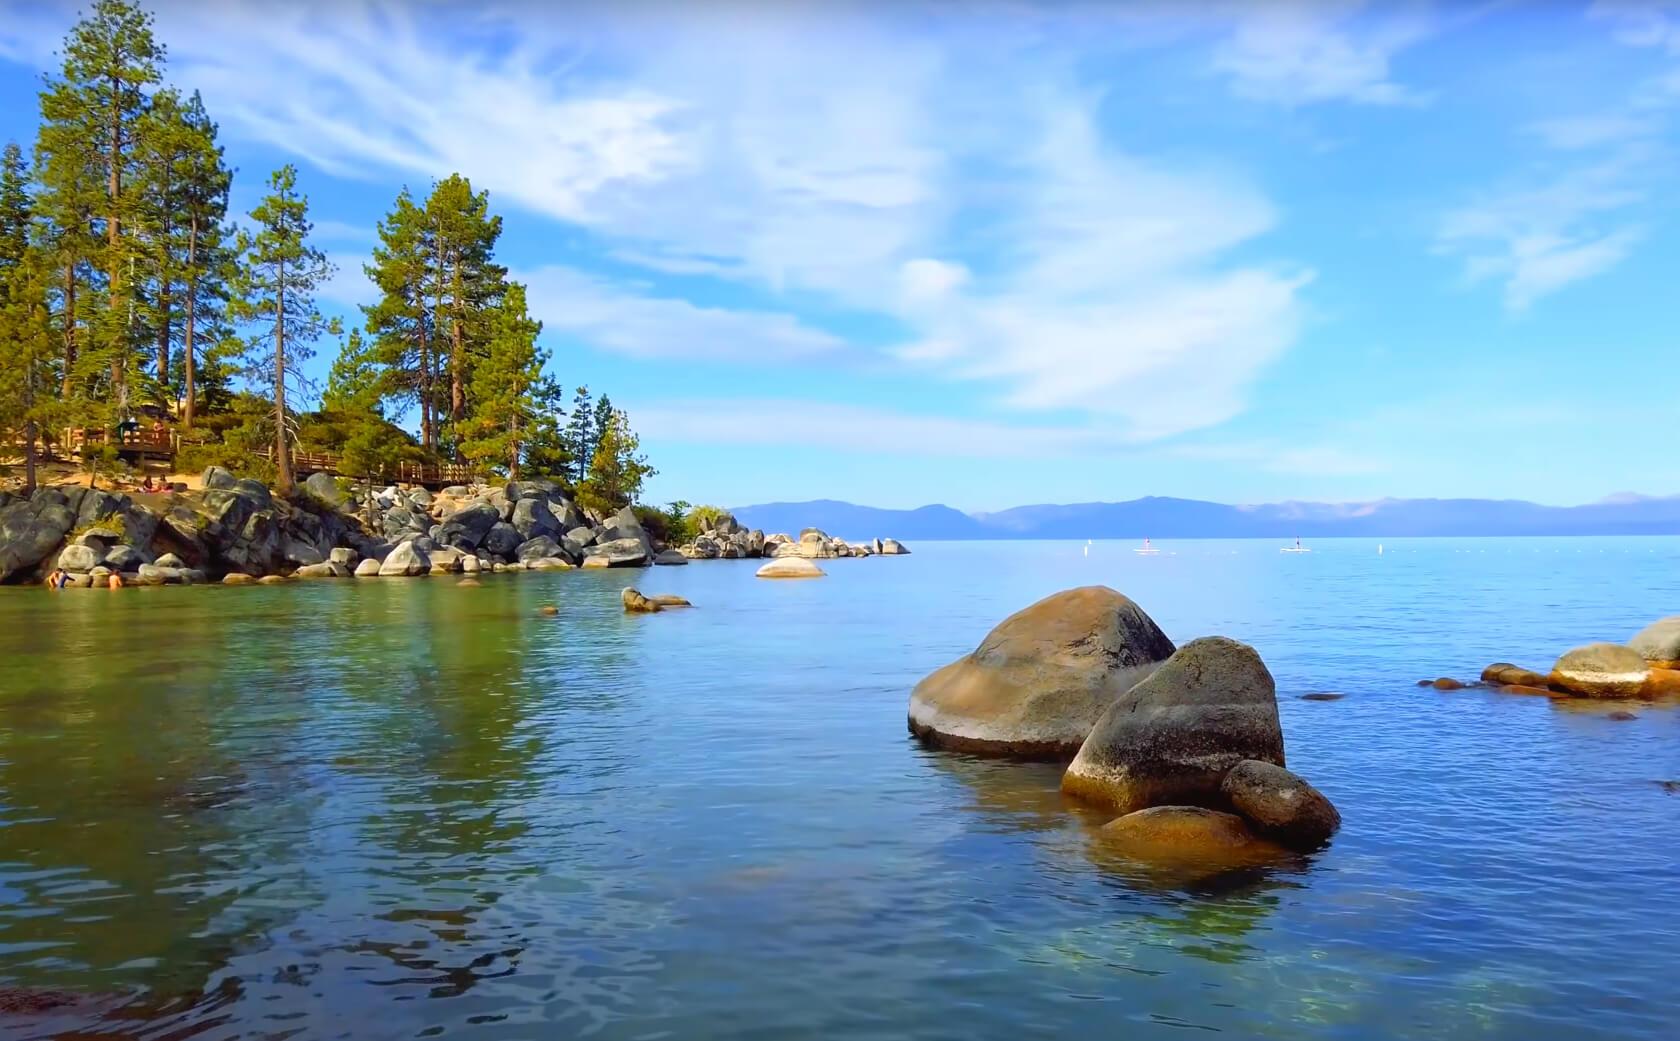 Lake-Tahoe-Fishing-Guide-NV-CA-06